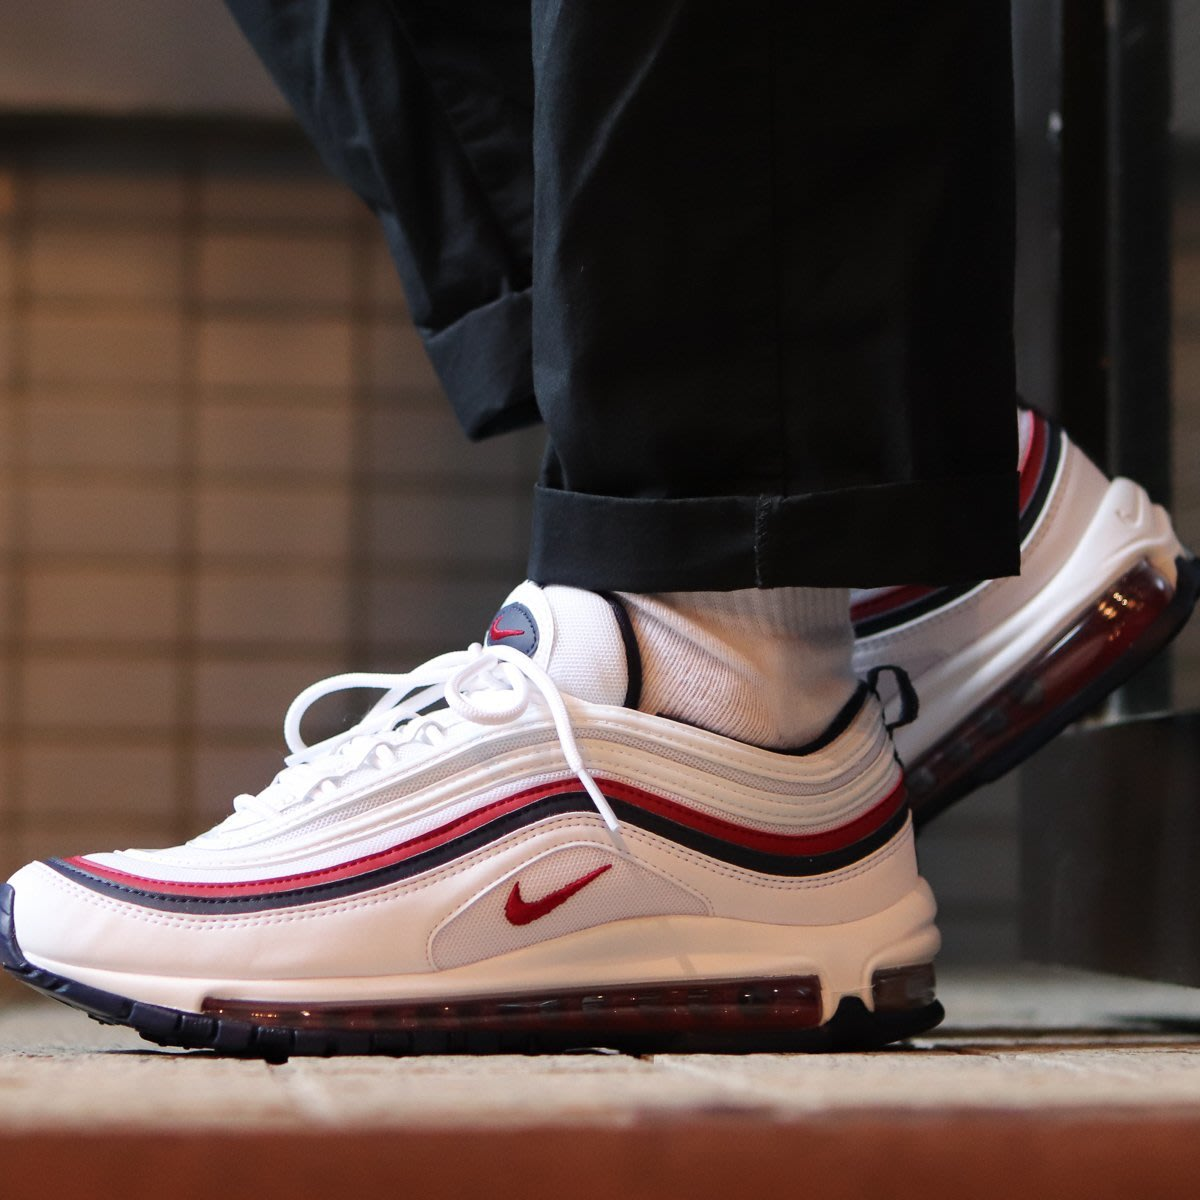 size 40 bb4d6 ee1a1 (日本代購)Nike Air Max 97 子彈鞋深藍白紅運動鞋情侶鞋大氣墊921733-102 附發票紅藍  Yahoo奇摩拍賣